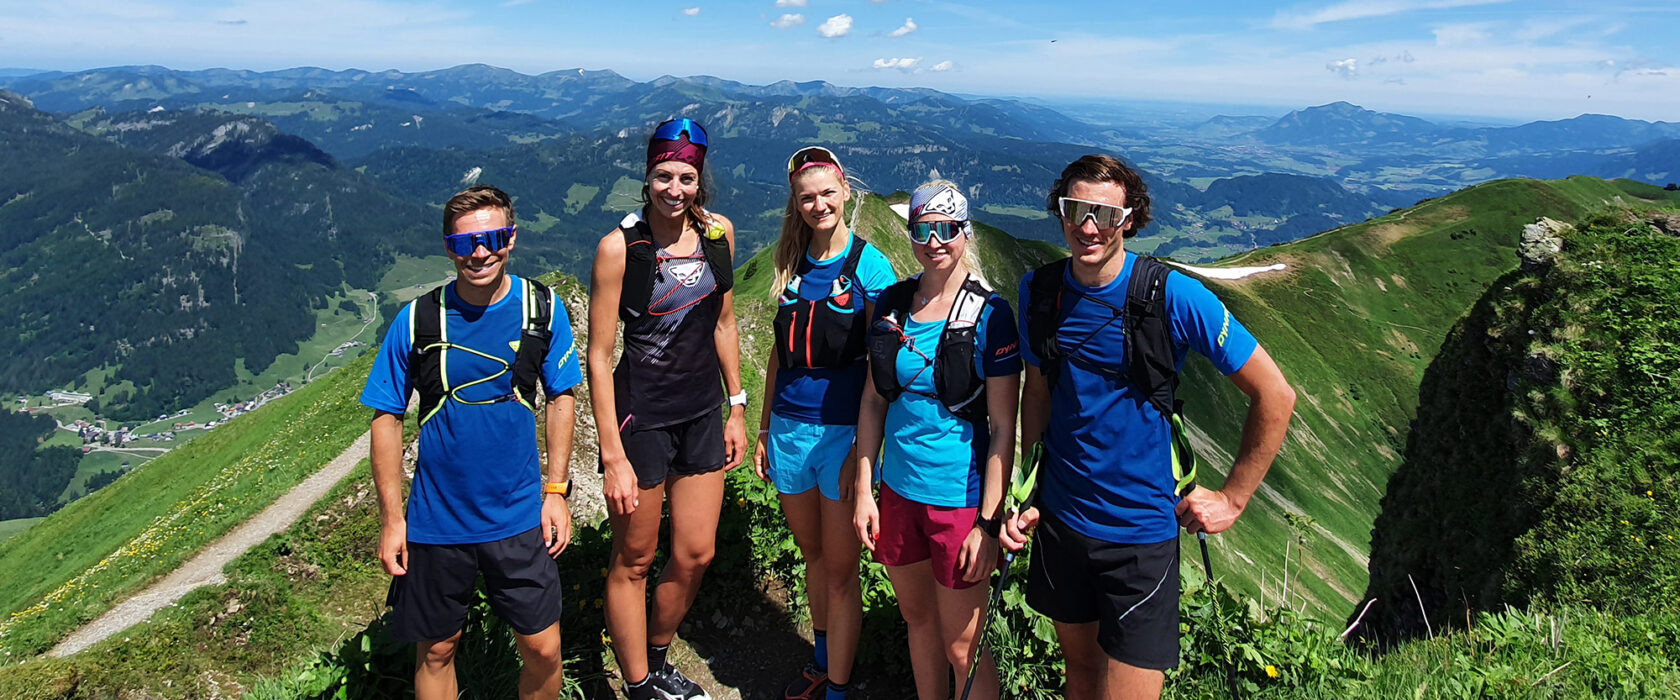 Dynafit Trailheroes in Oberstdorf